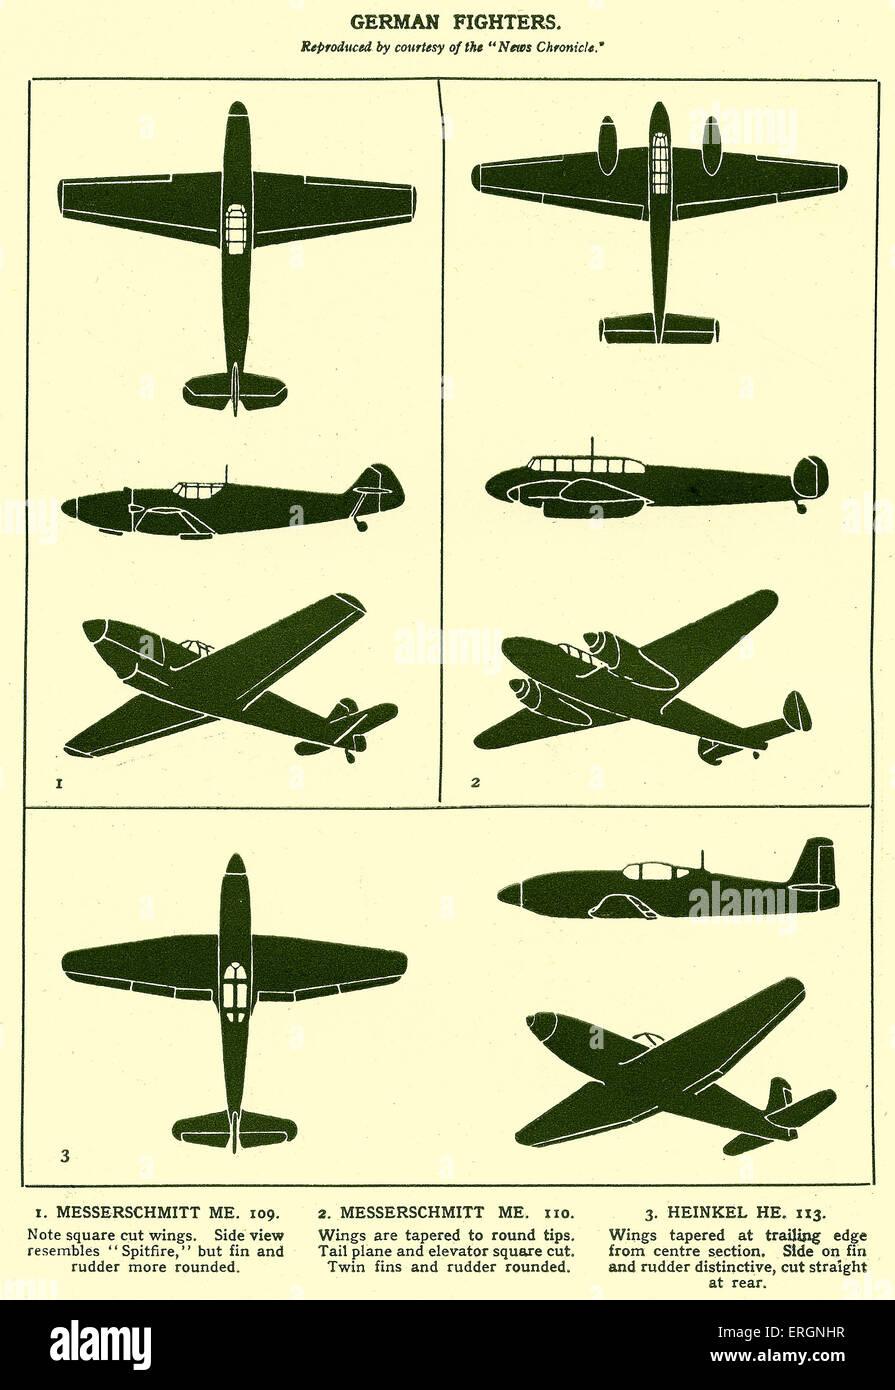 WW2 -German Fighter Planes. Diagrams of a Messerschmitt ME 109, Messerschmitt ME 110 and Heinkel HE 113. - Stock Image